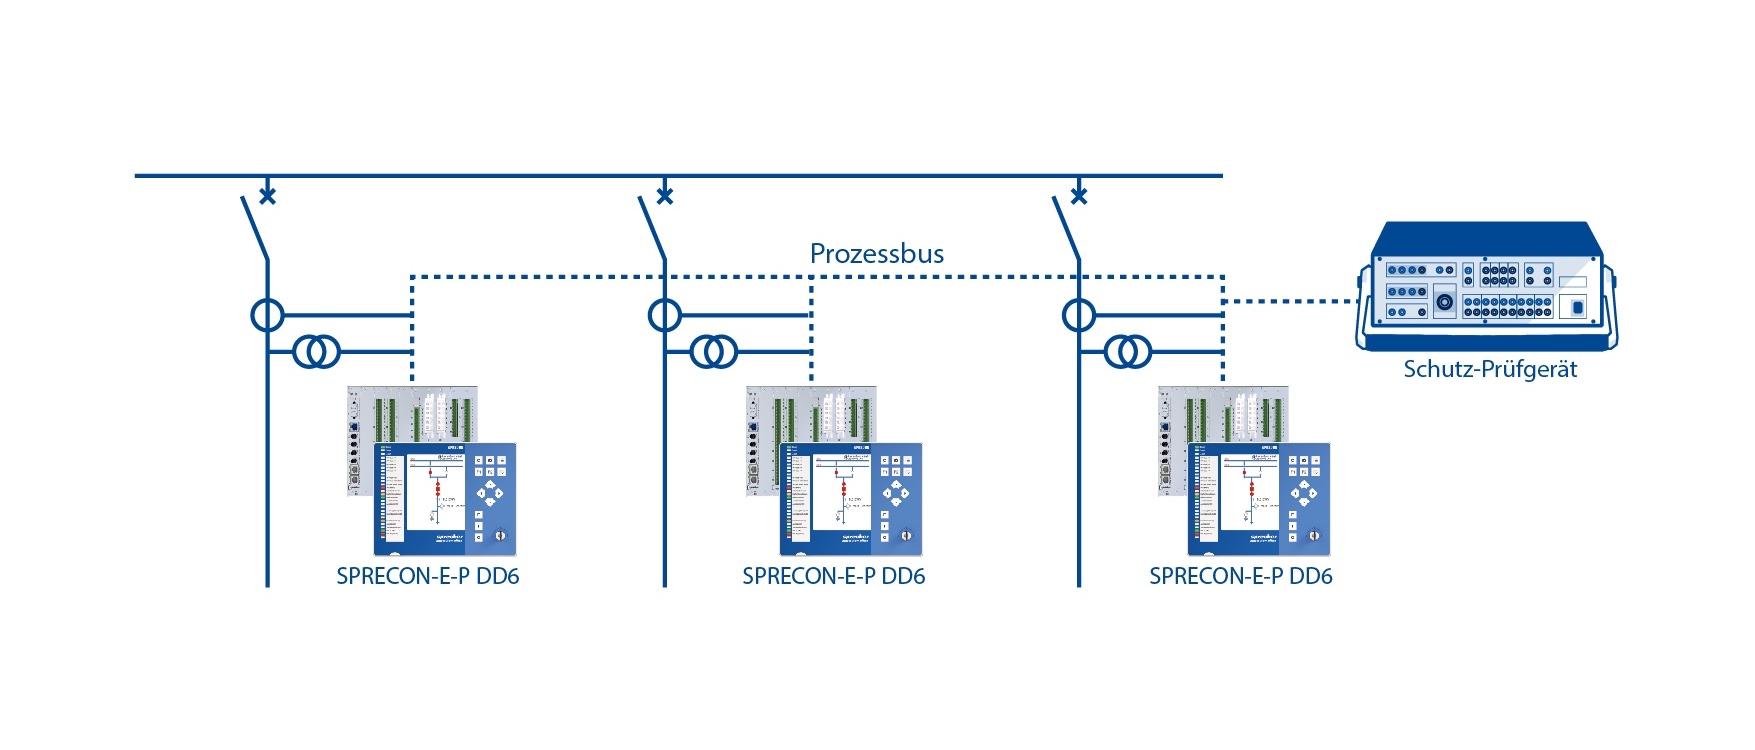 Sprecher Automation Differentialschutz